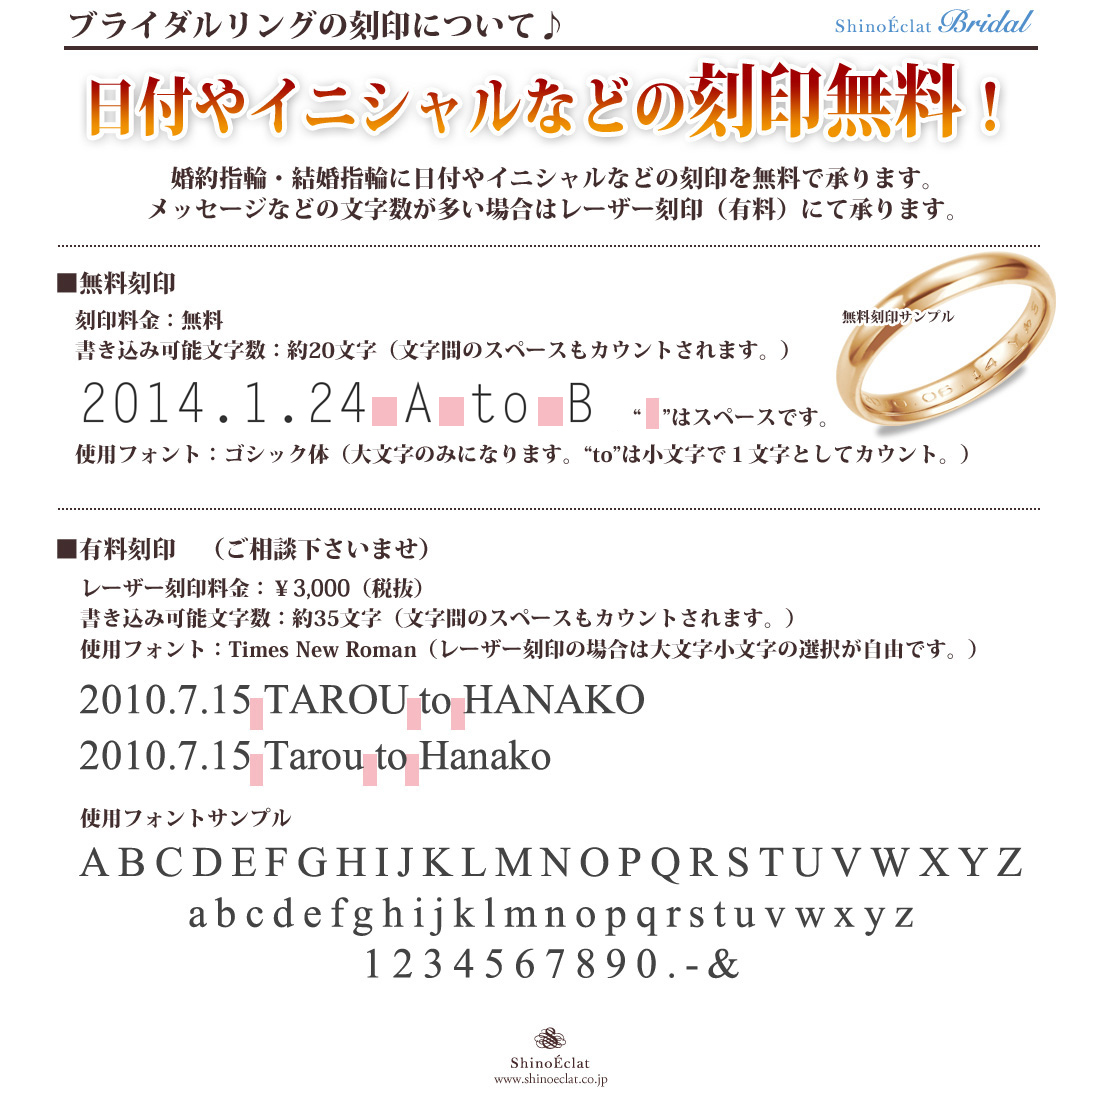 10%OFF! 楽天スーパーセール  9/4 20:00から 結婚指輪K18 RG(ローズゴールド) フラット・マリッジリング 6mm鍛造 平打ち・幅広タイプ 刻印無料 リング 指輪 ring ピンクゴールド